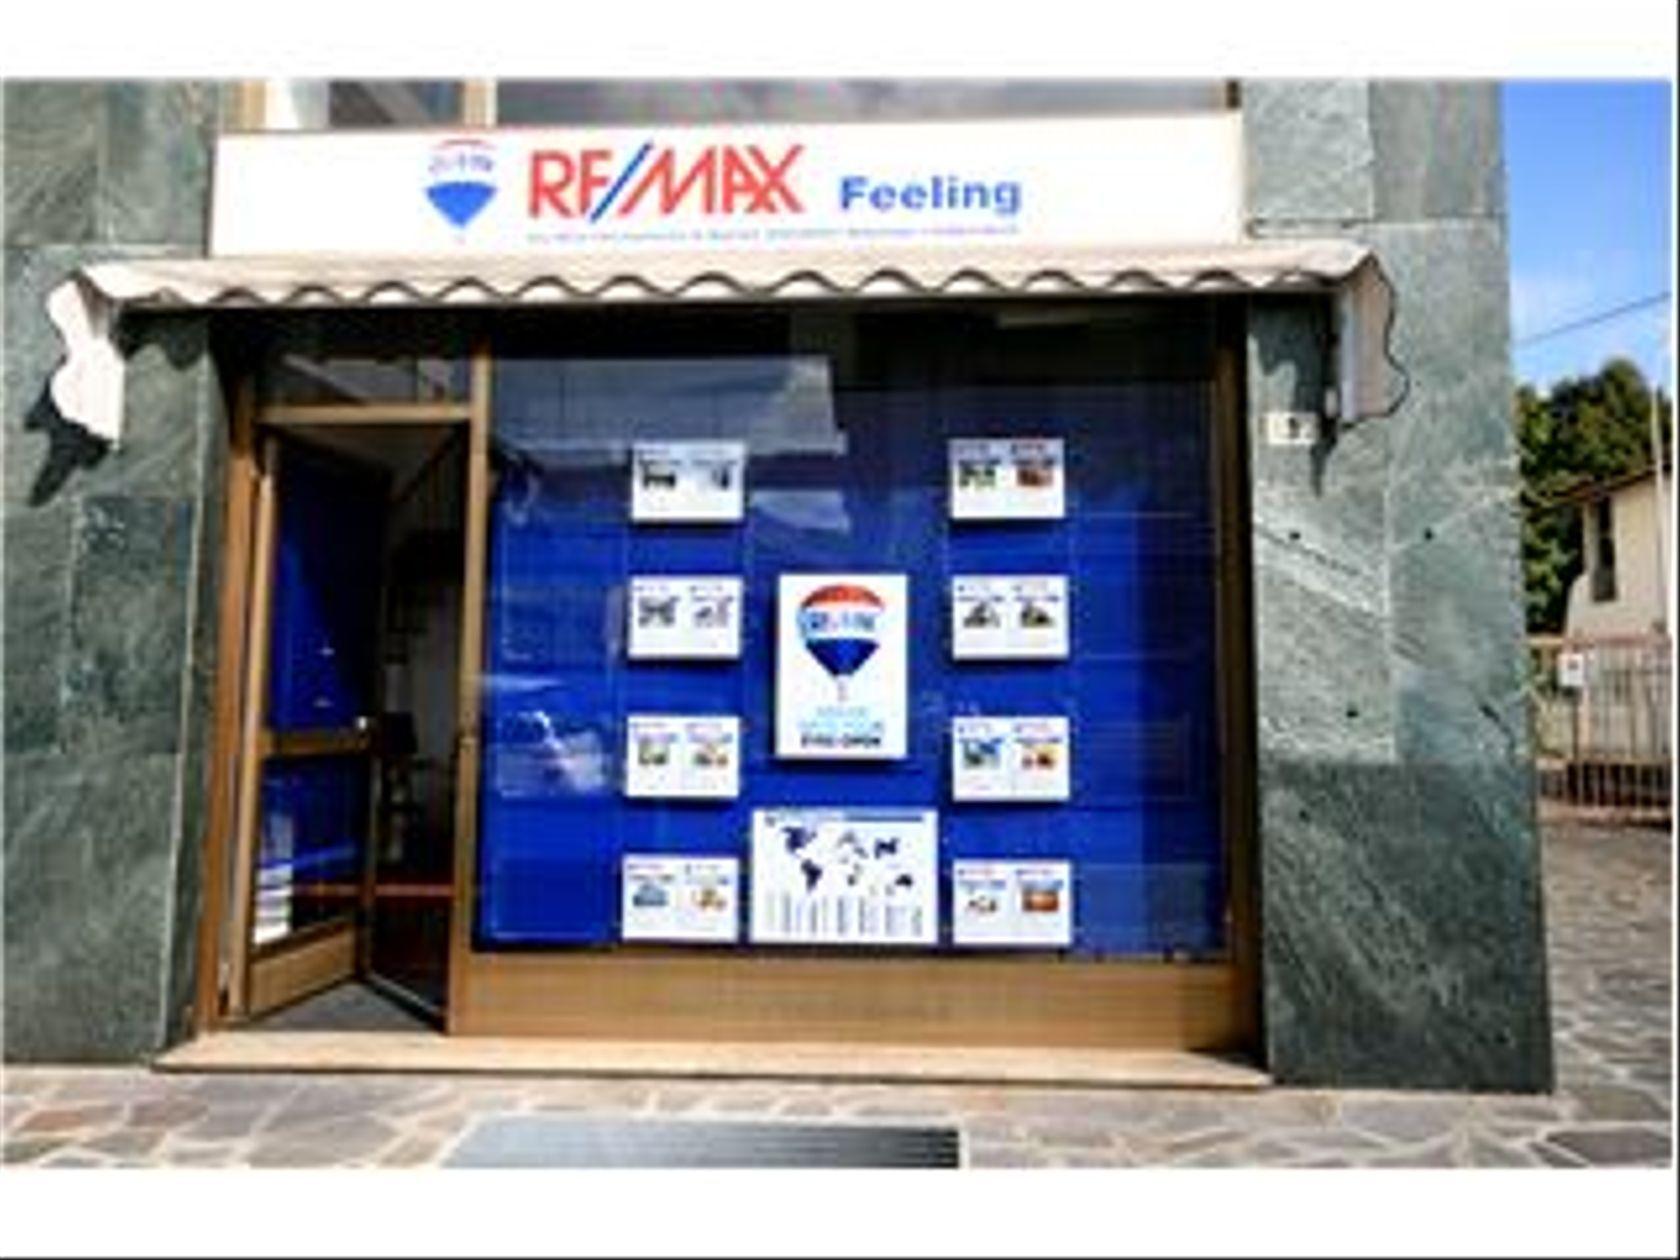 RE/MAX Feeling Dalmine